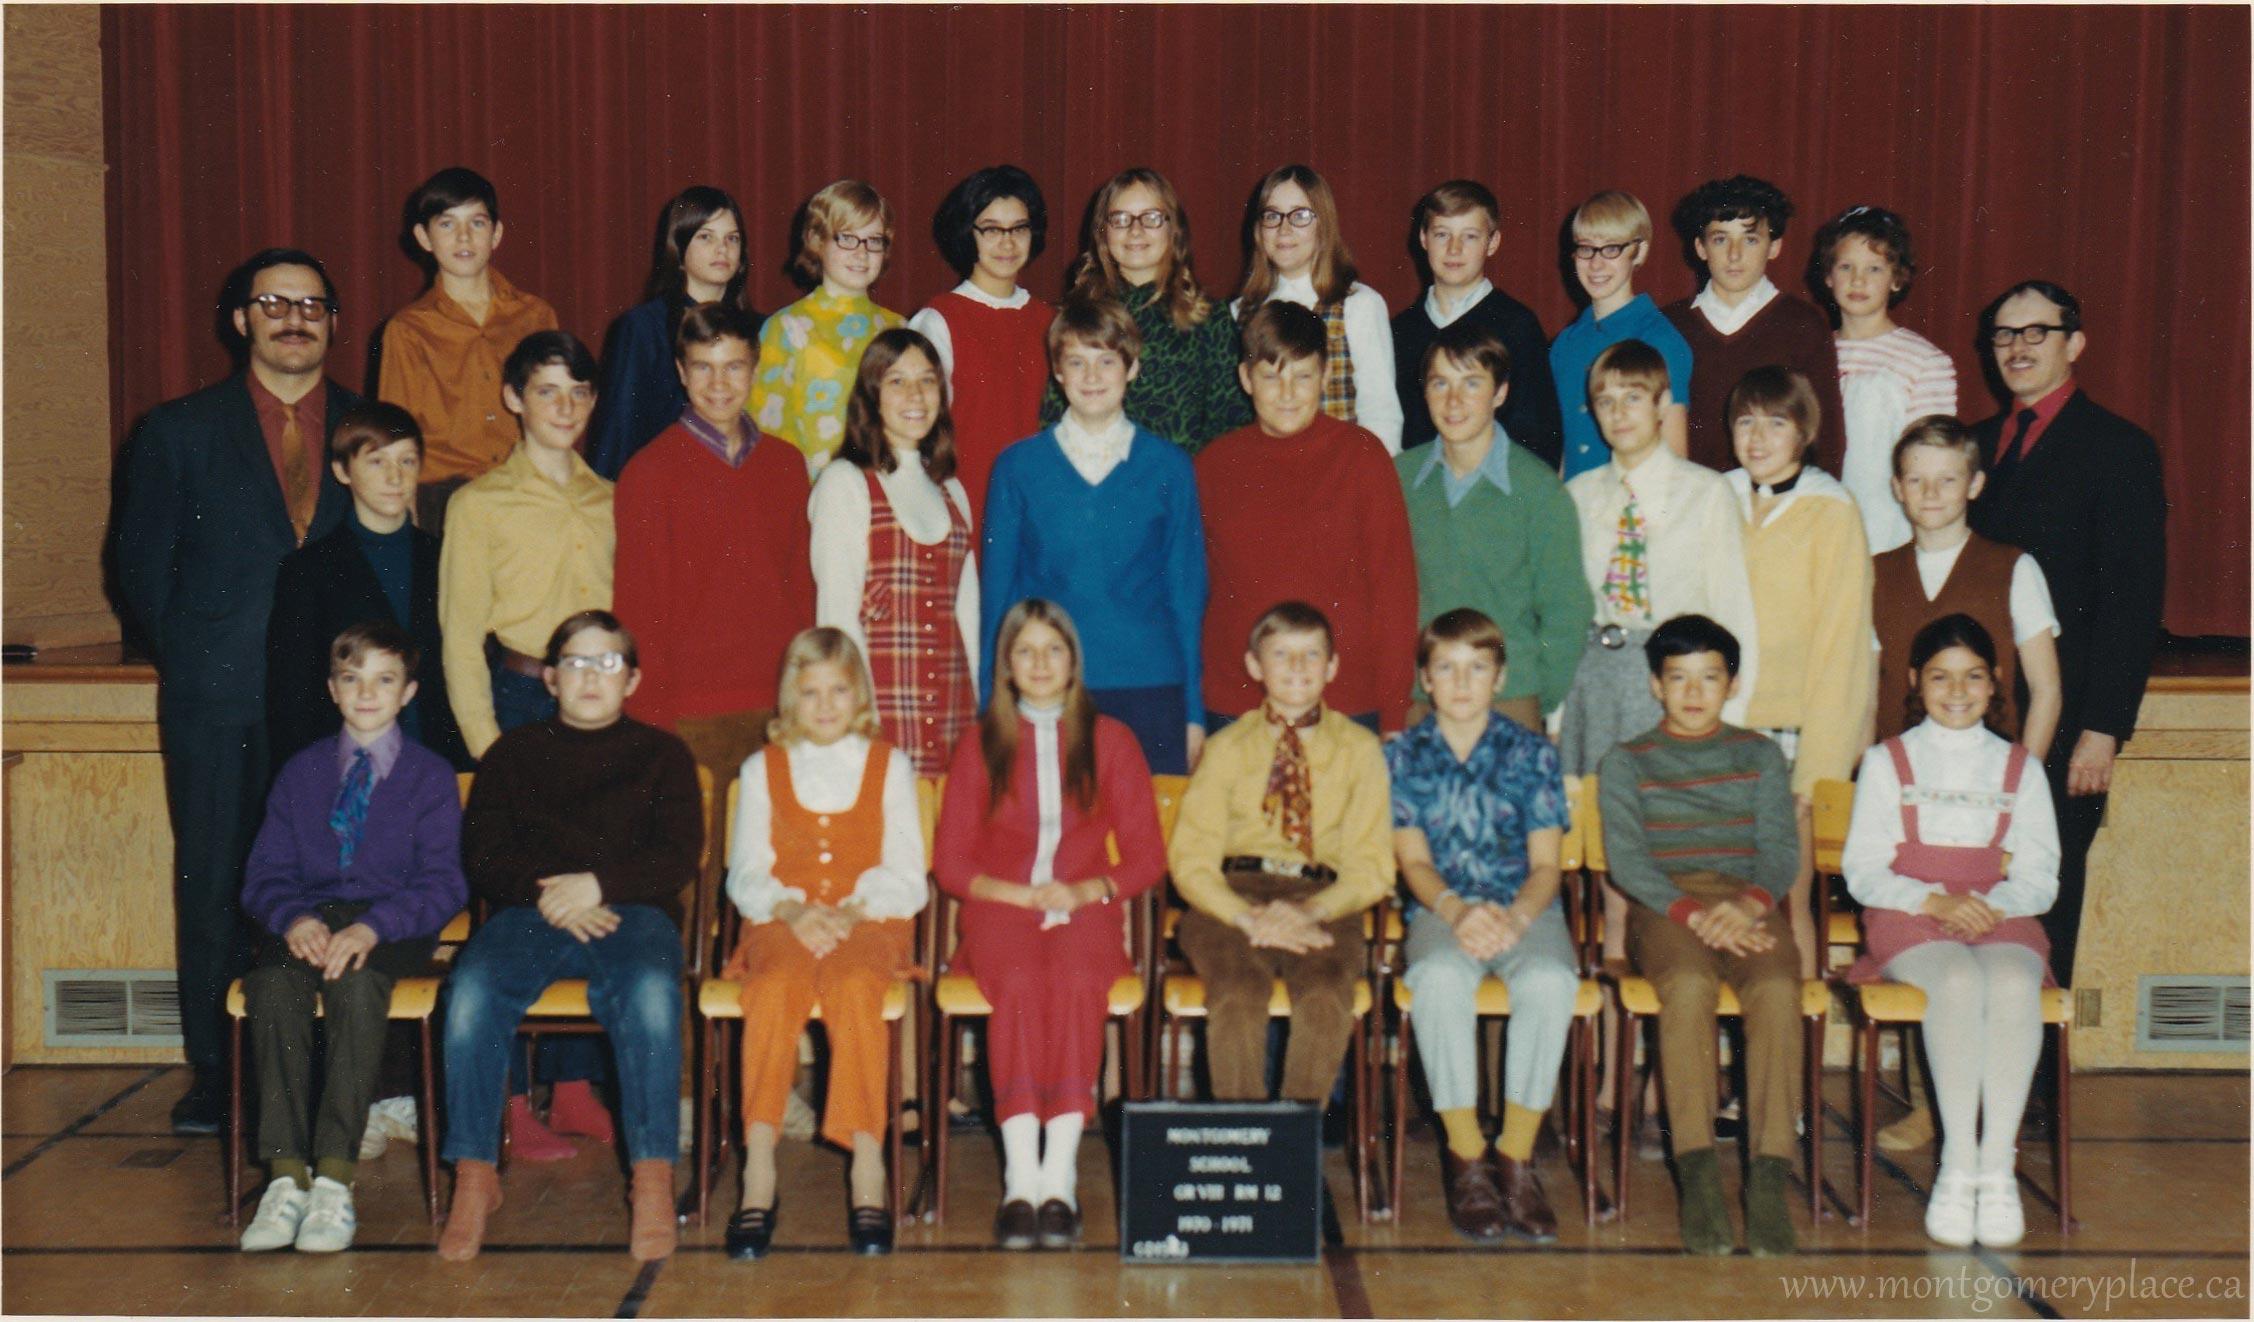 Genereux-Montgomery-School-Class-of-1970-1971